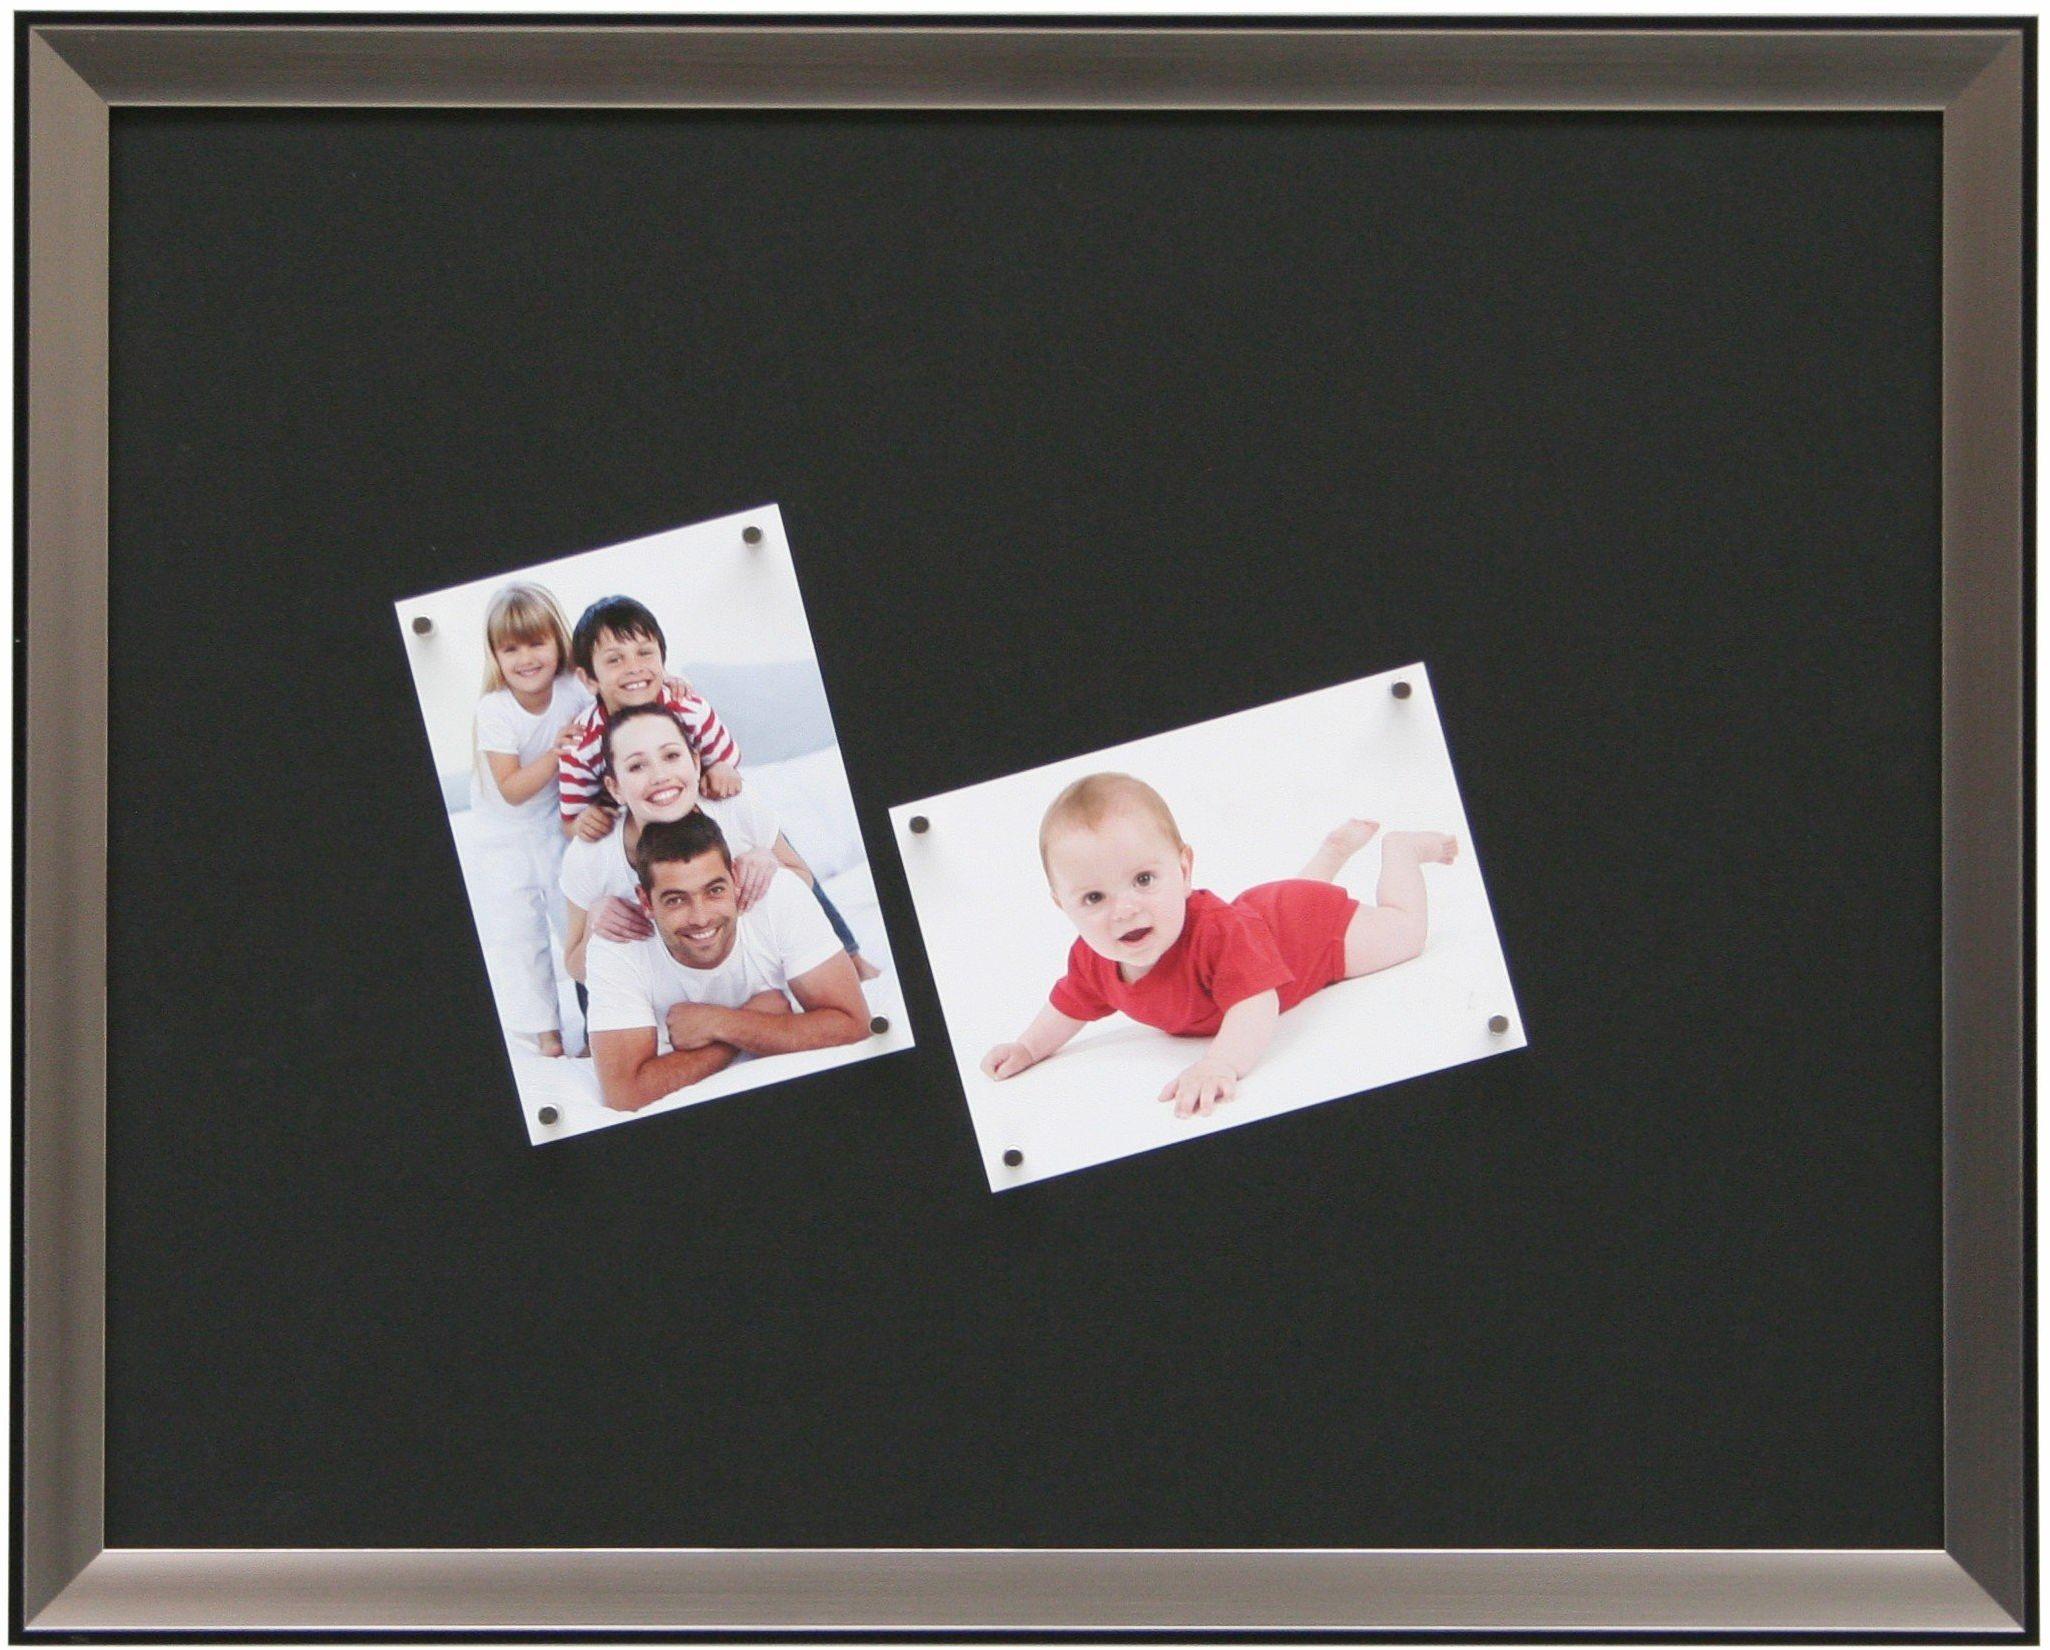 Wymiary tablicy magnetycznej (obraz): 30 cm wys. x 40 cm szer, kolor: srebrny/czarny